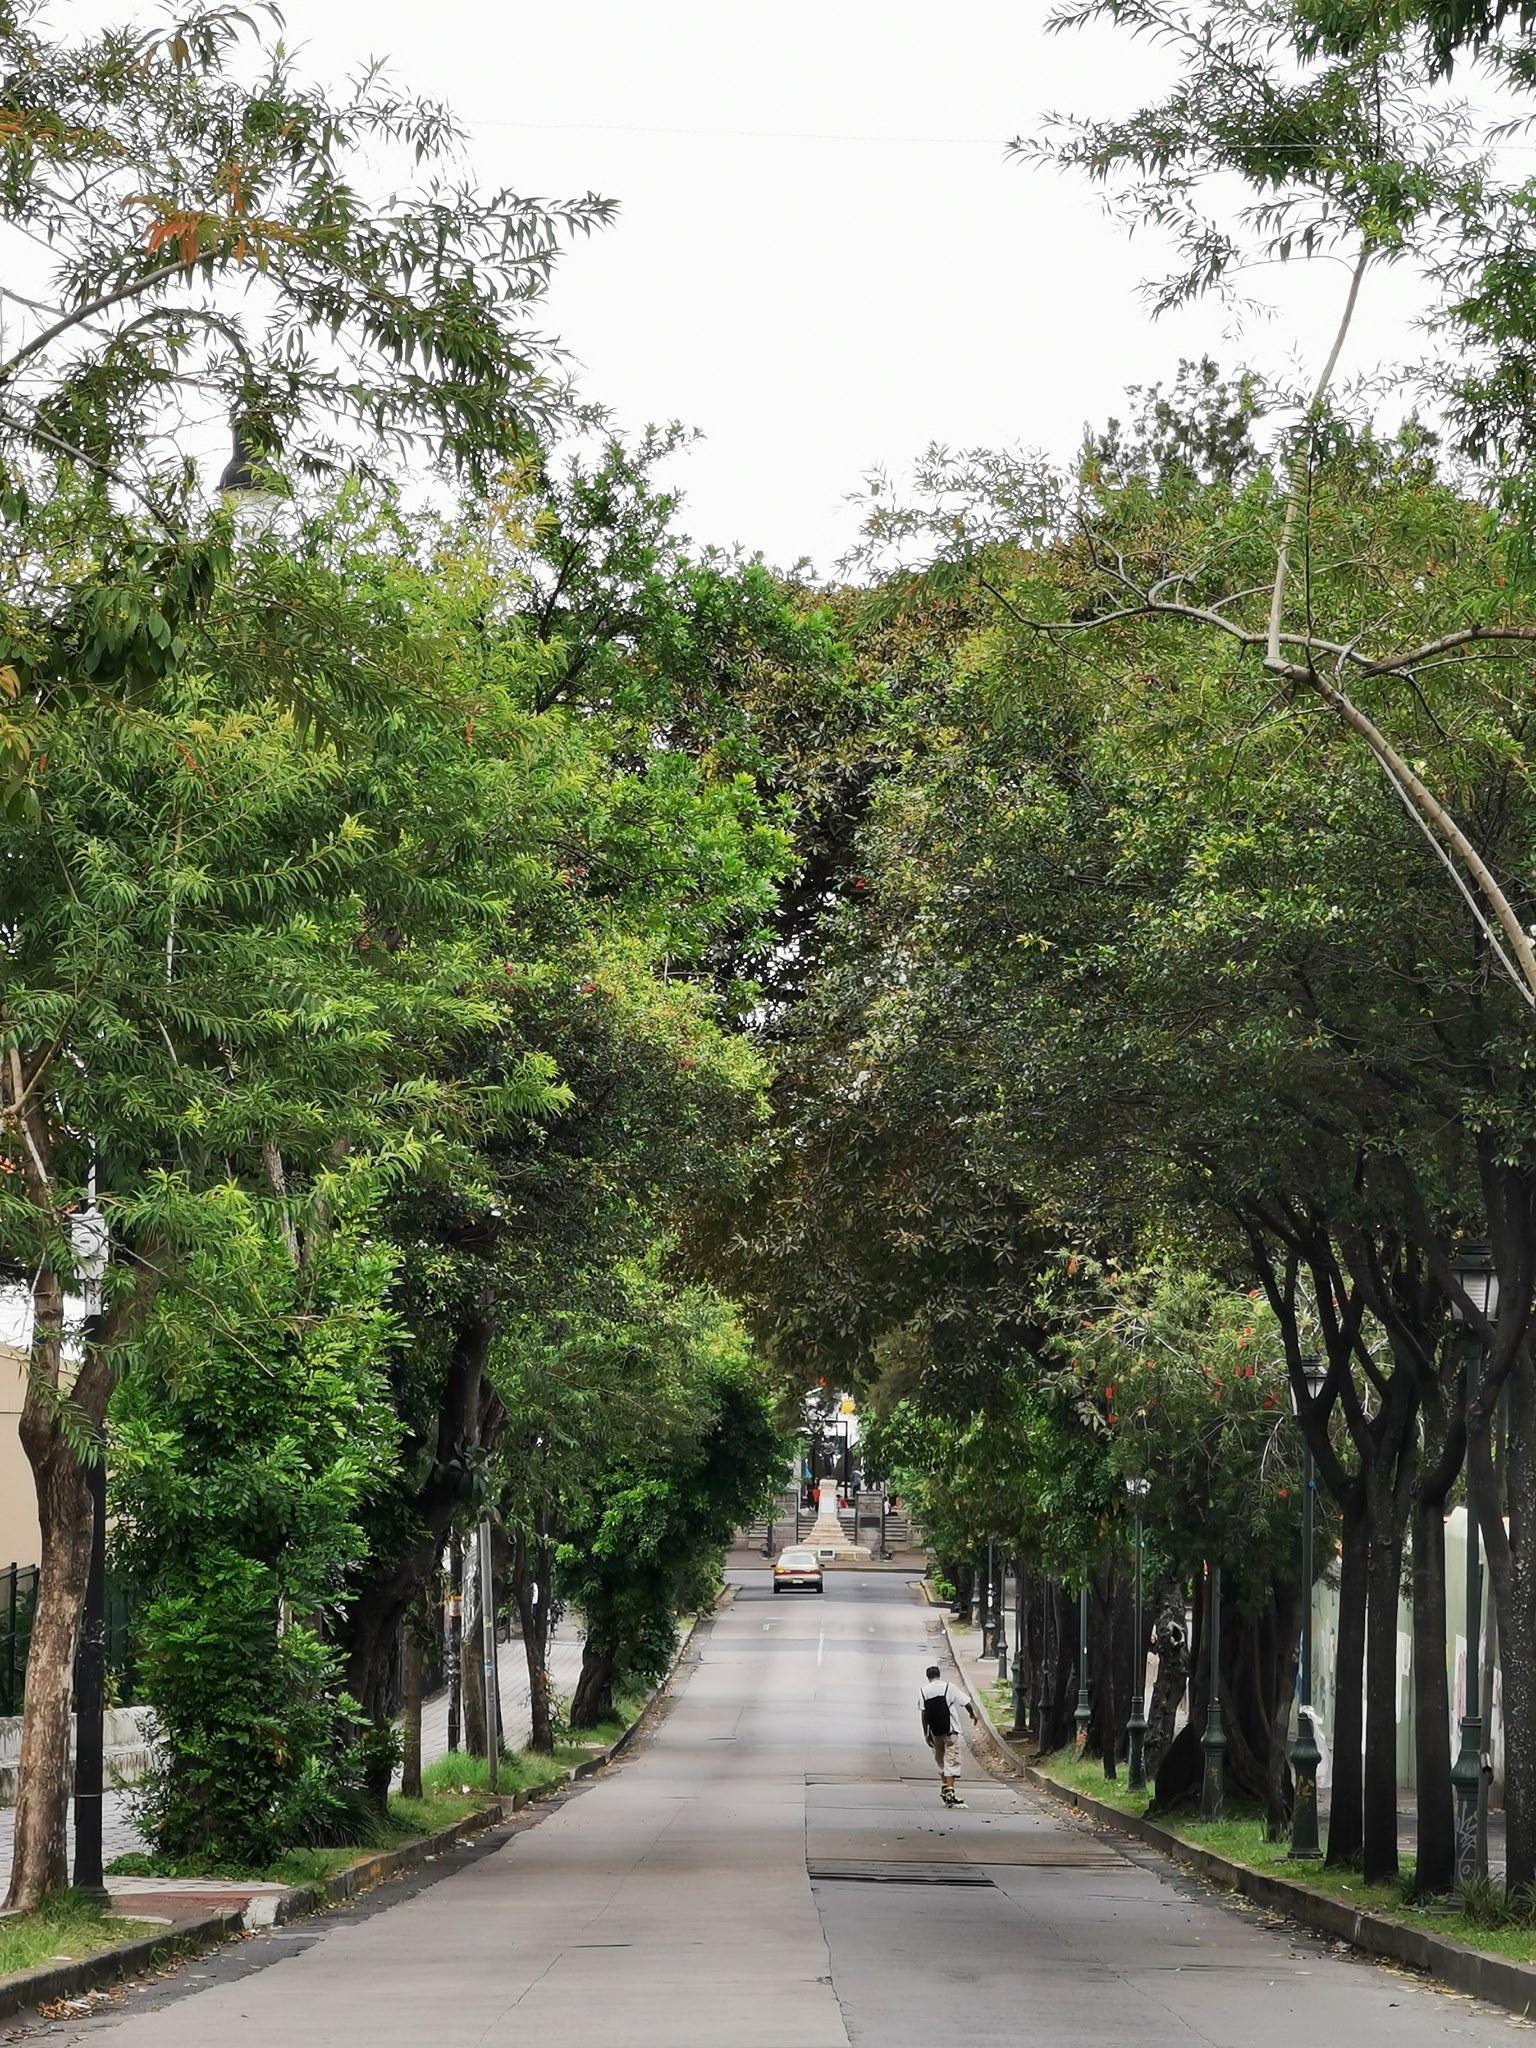 Safari por Parques, Historias y Naturaleza de Amón-Otoya y otros Rincones de SJ